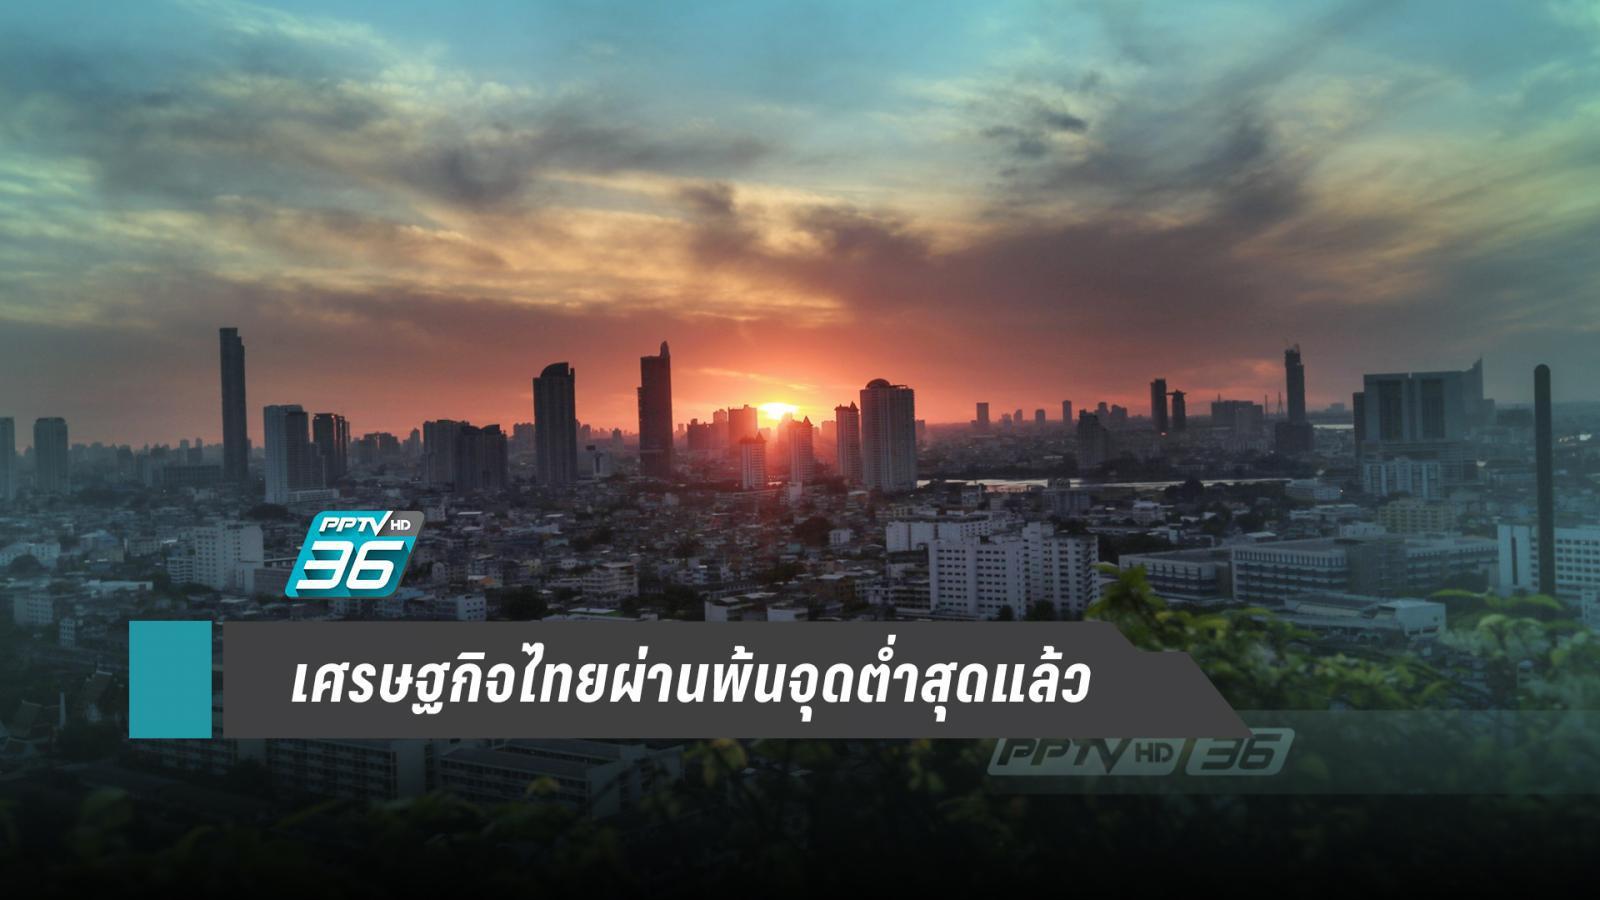 เศรษฐกิจไทยผ่านพ้นจุดต่ำสุด พบสัญญาณดีขึ้นไตรมาส 1 ปี 63